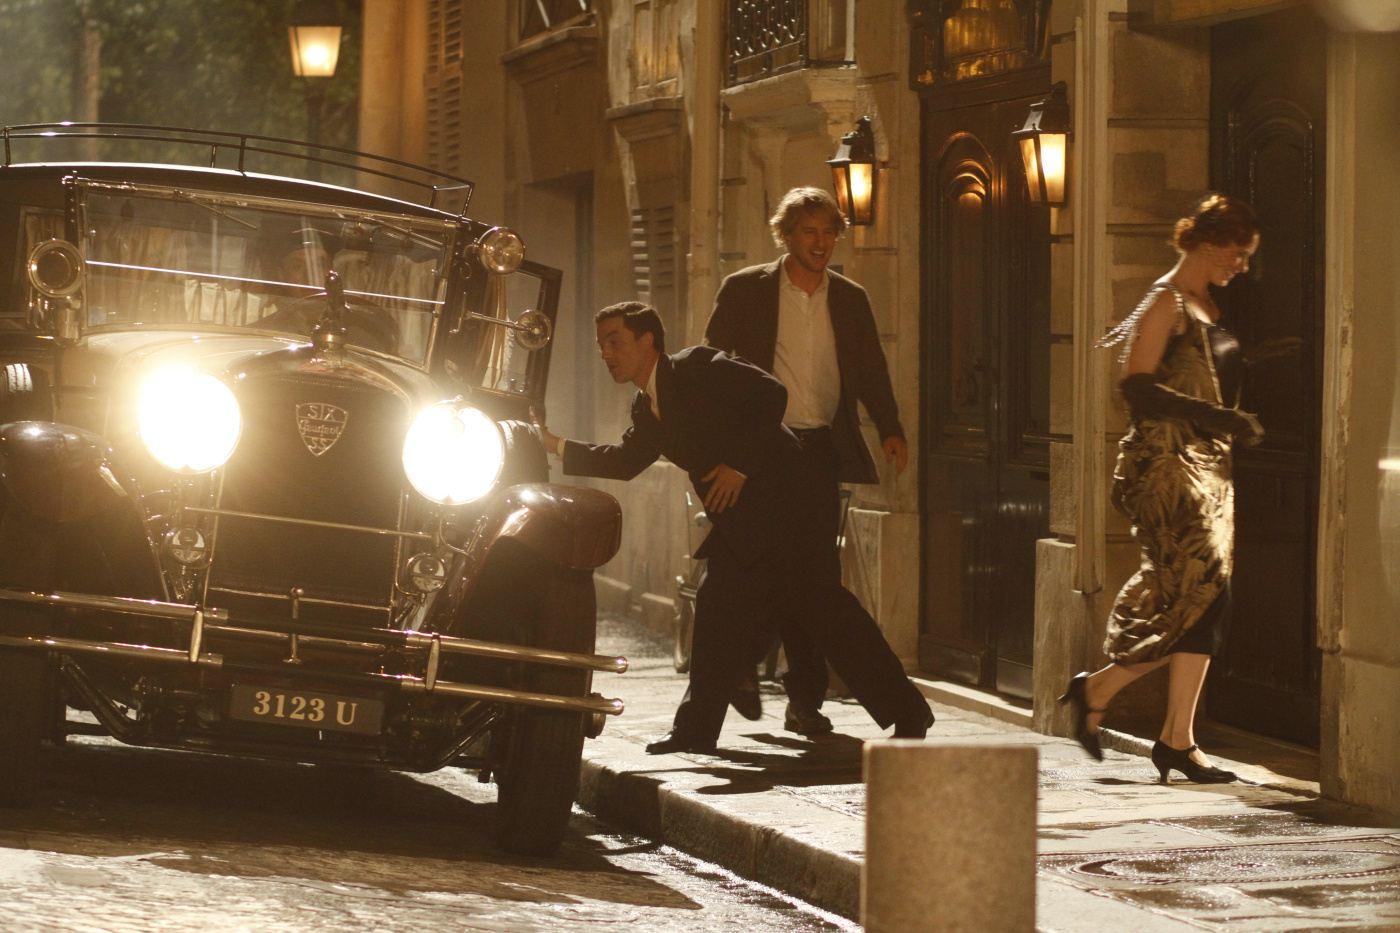 кадры из фильма Полночь в Париже Оуэн Уилсон,